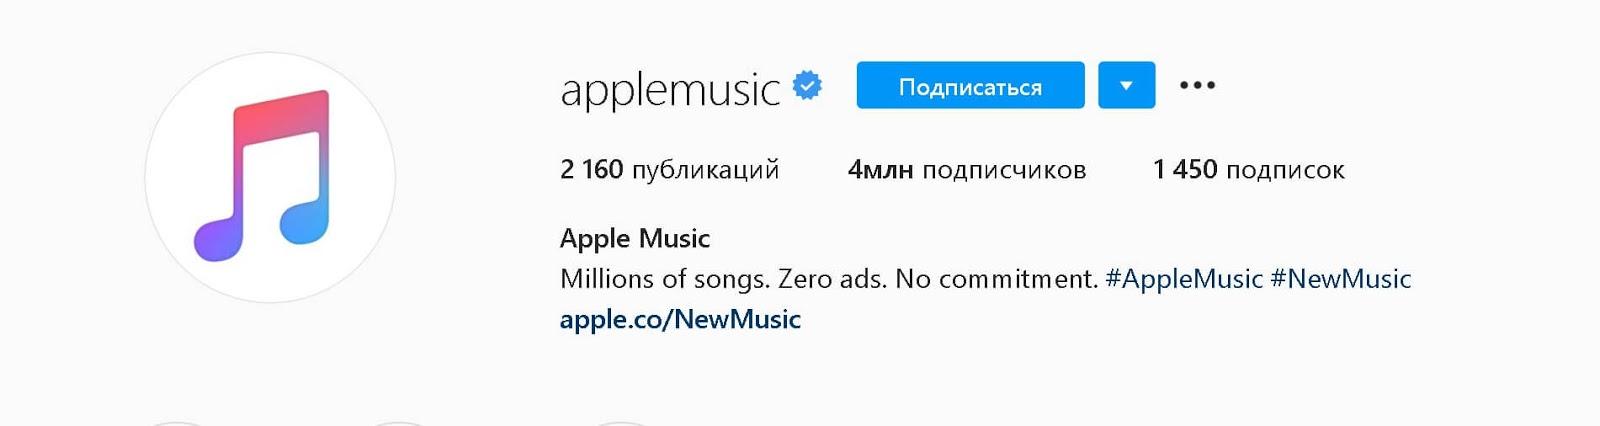 instagram-bio-apple-music